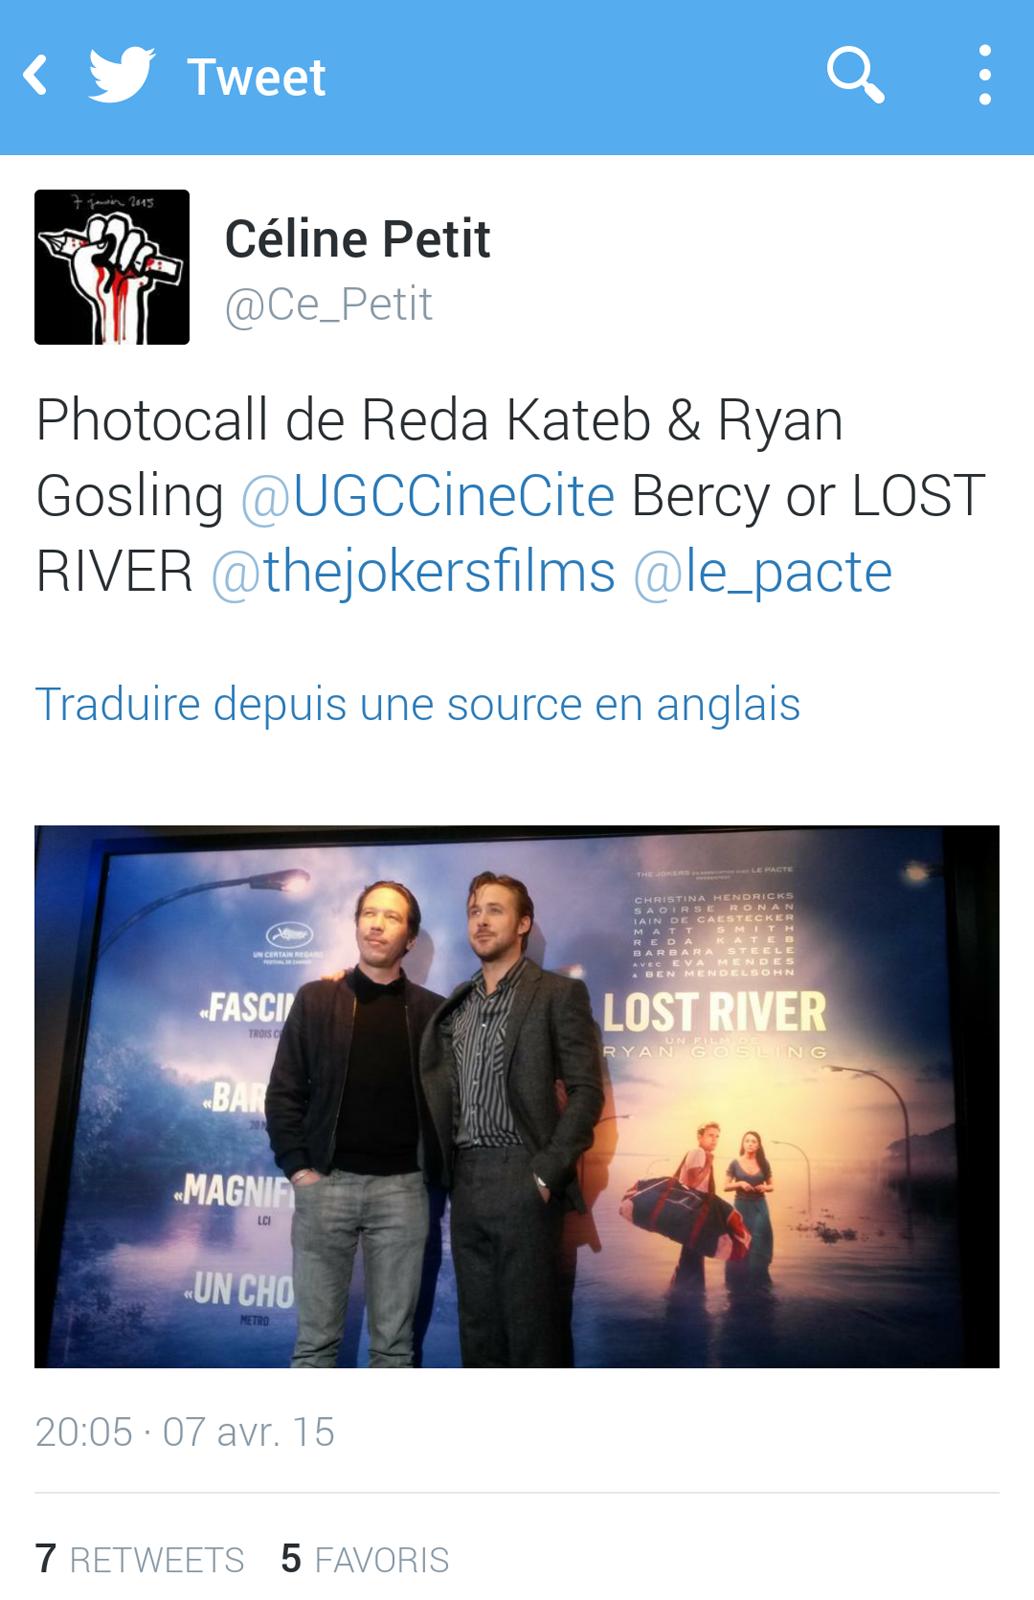 Photocall Ryan Gosling Reda Kateb Lost River premier film UGC Ciné Cité Bercy cinéma photo twitter by Céline Petit